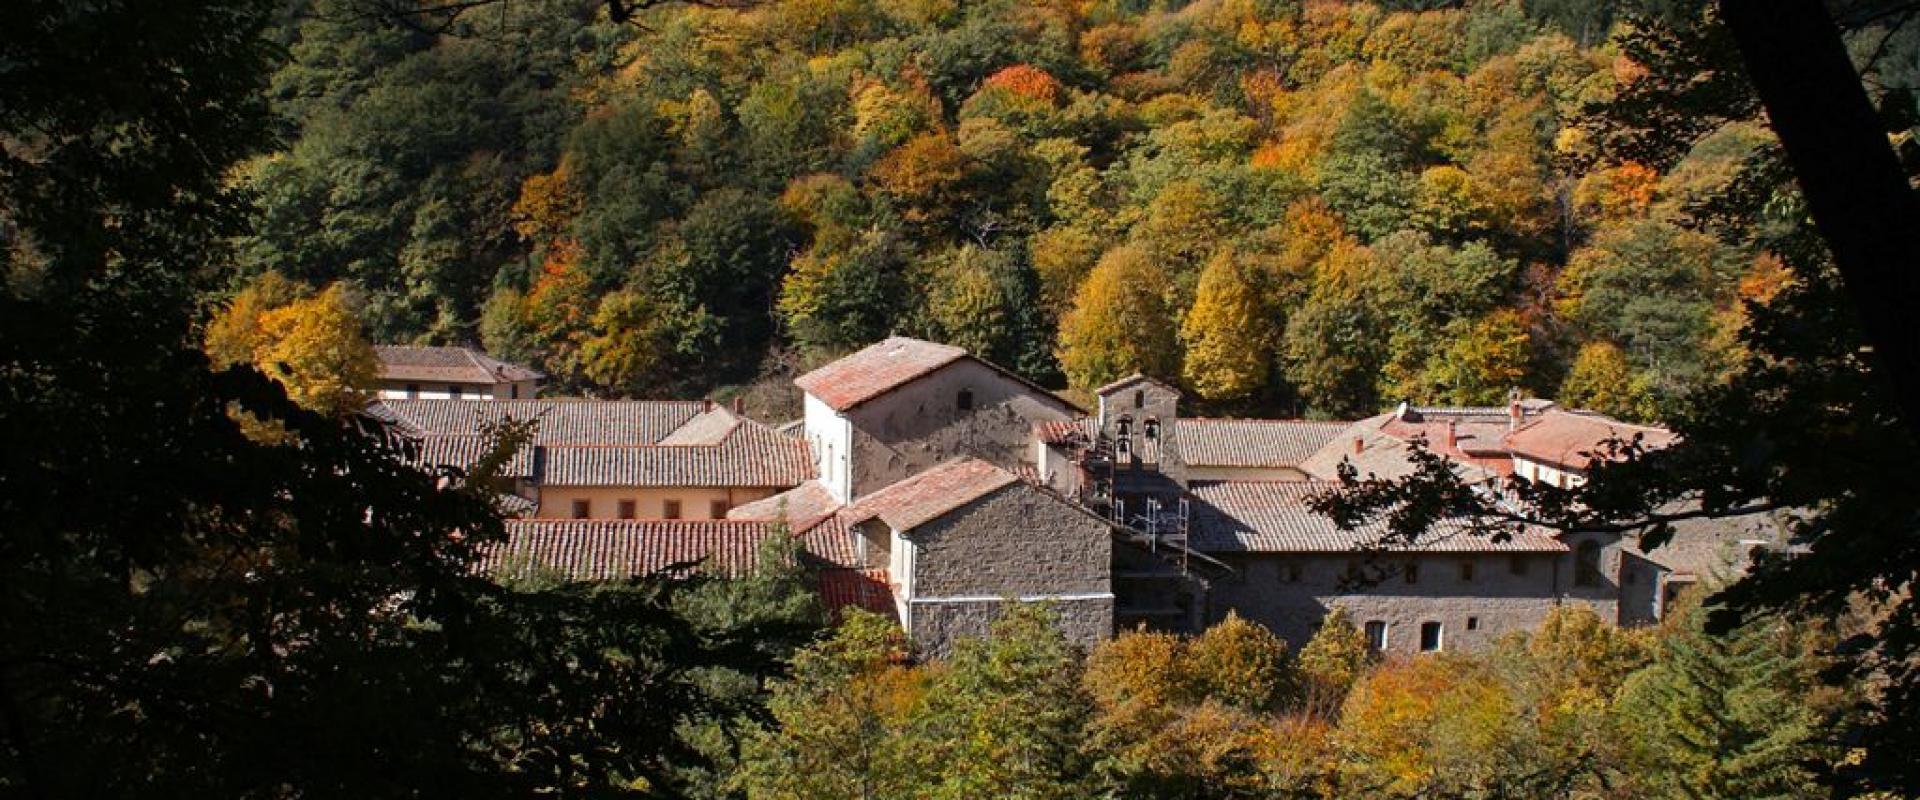 Monastry of Camaldoli